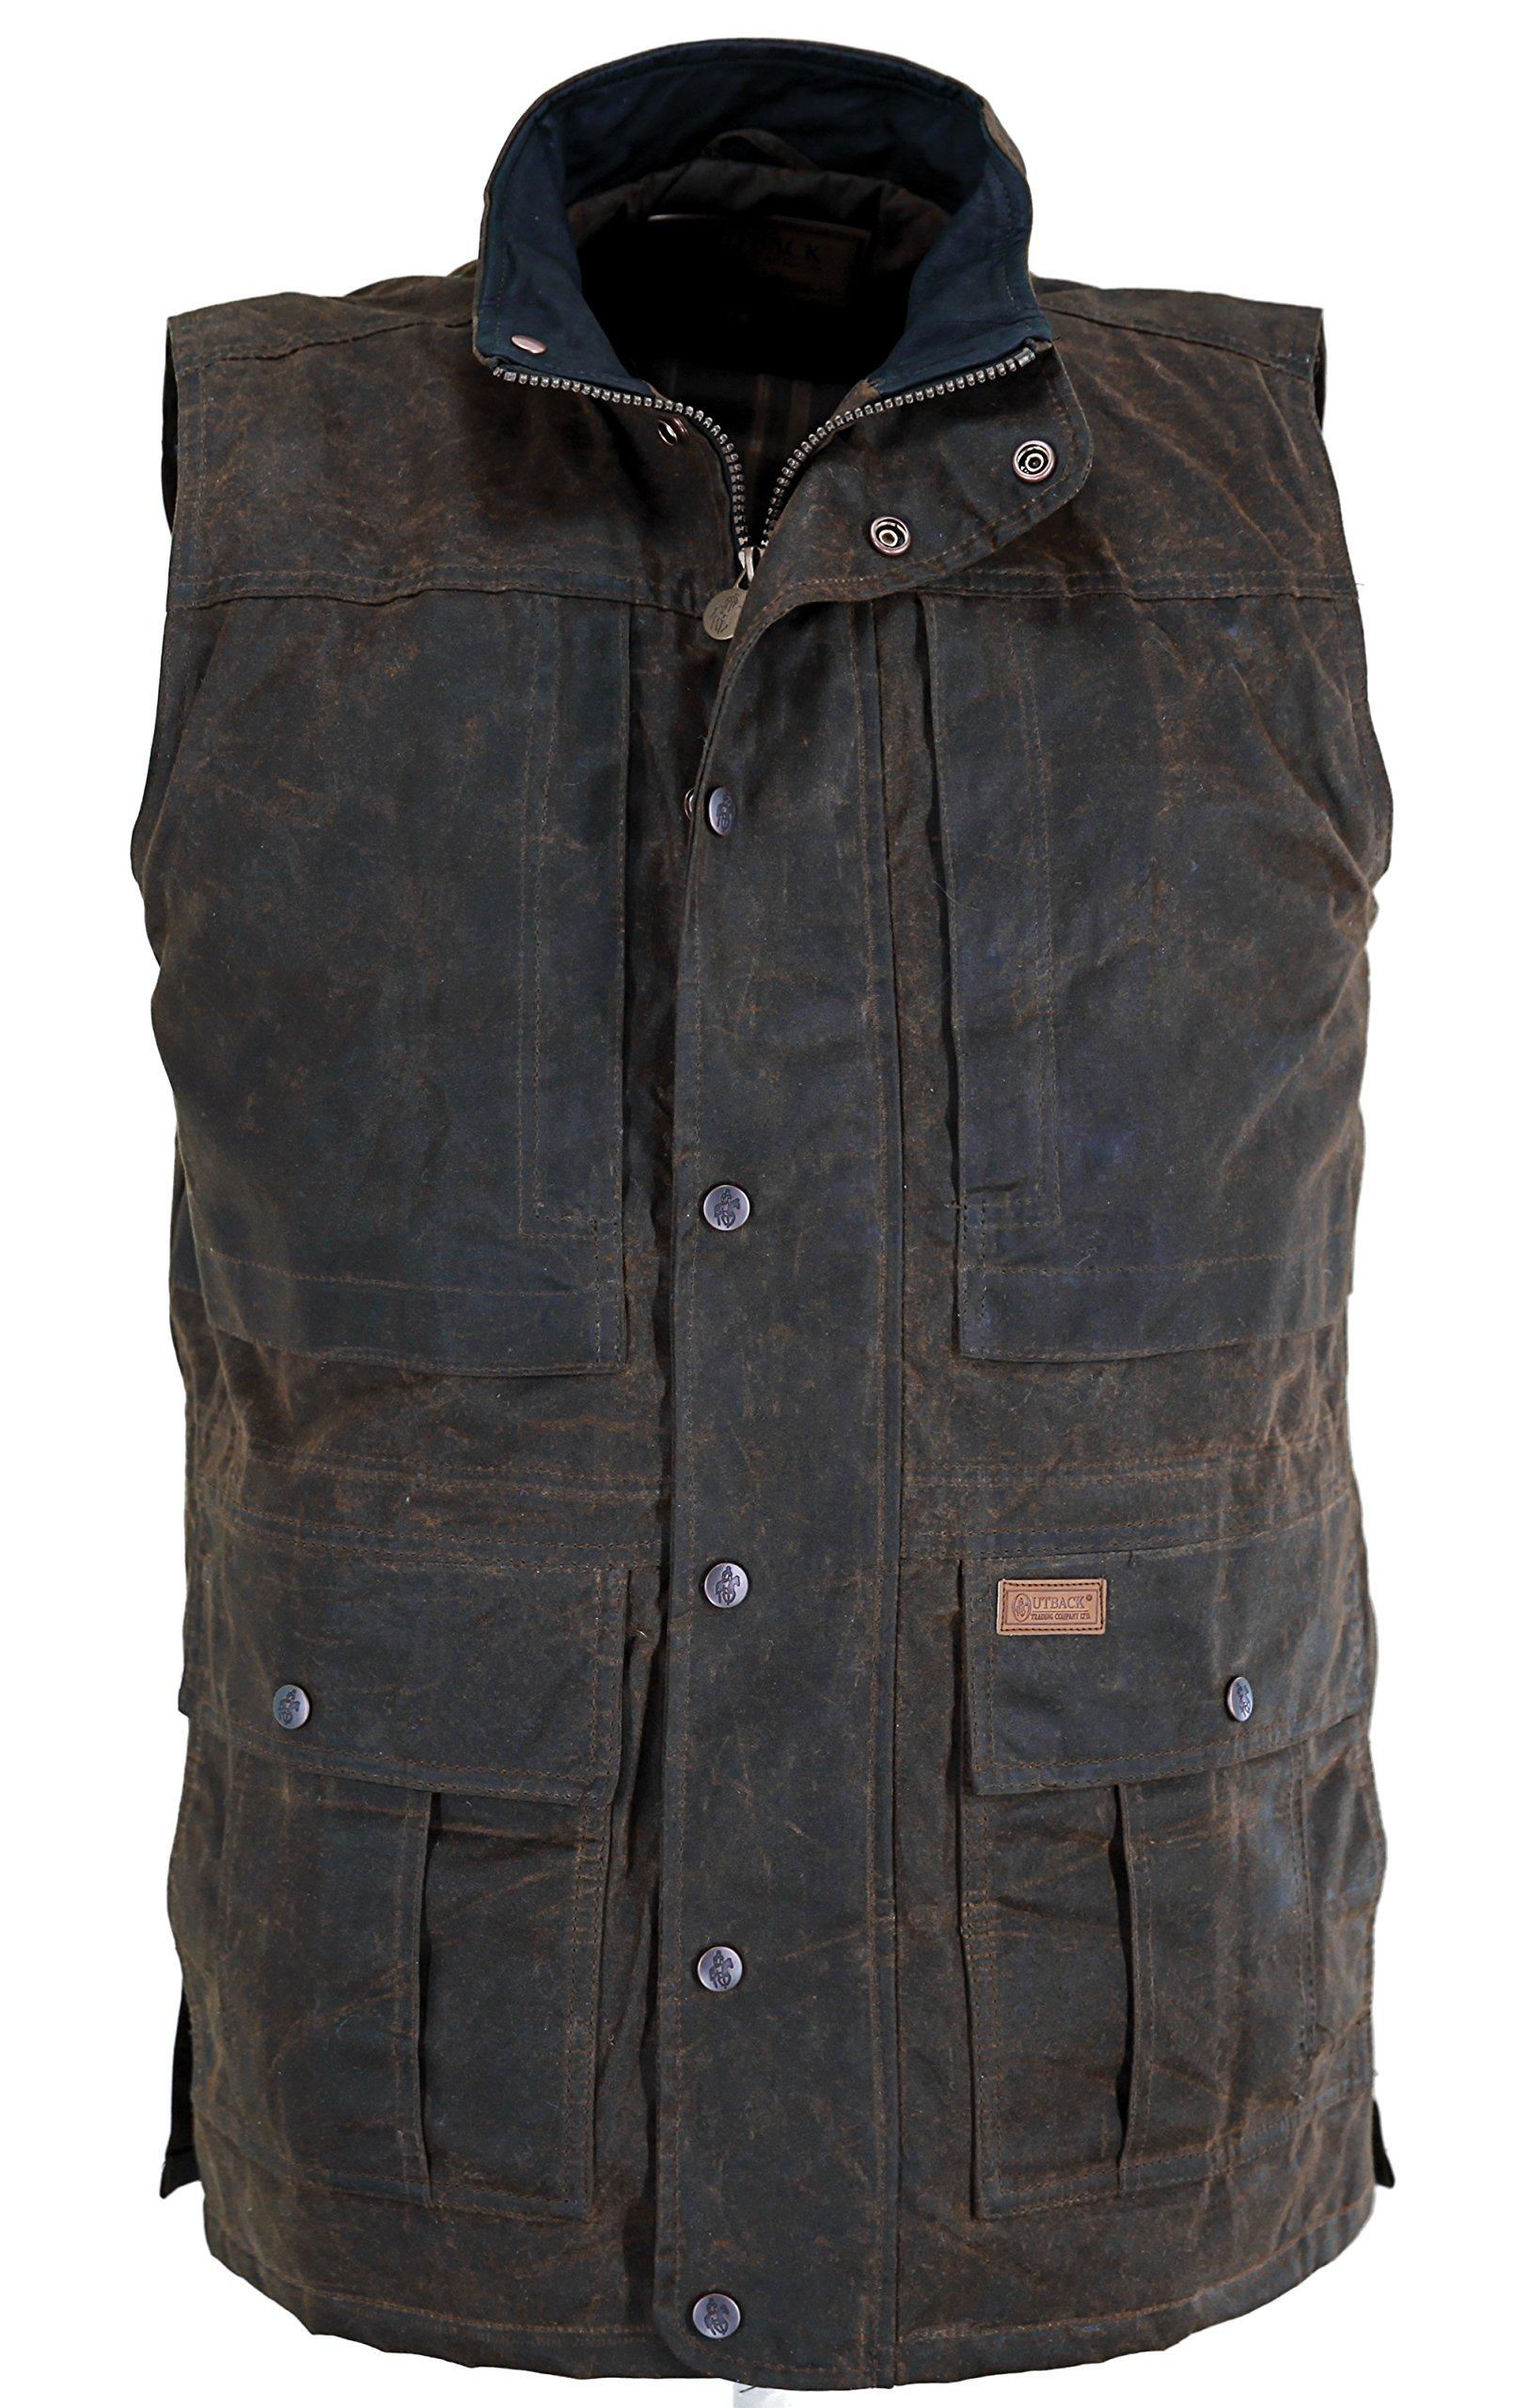 Outback Trading Company Deer Hunter Oilskin Vest, Bronze, 2XL